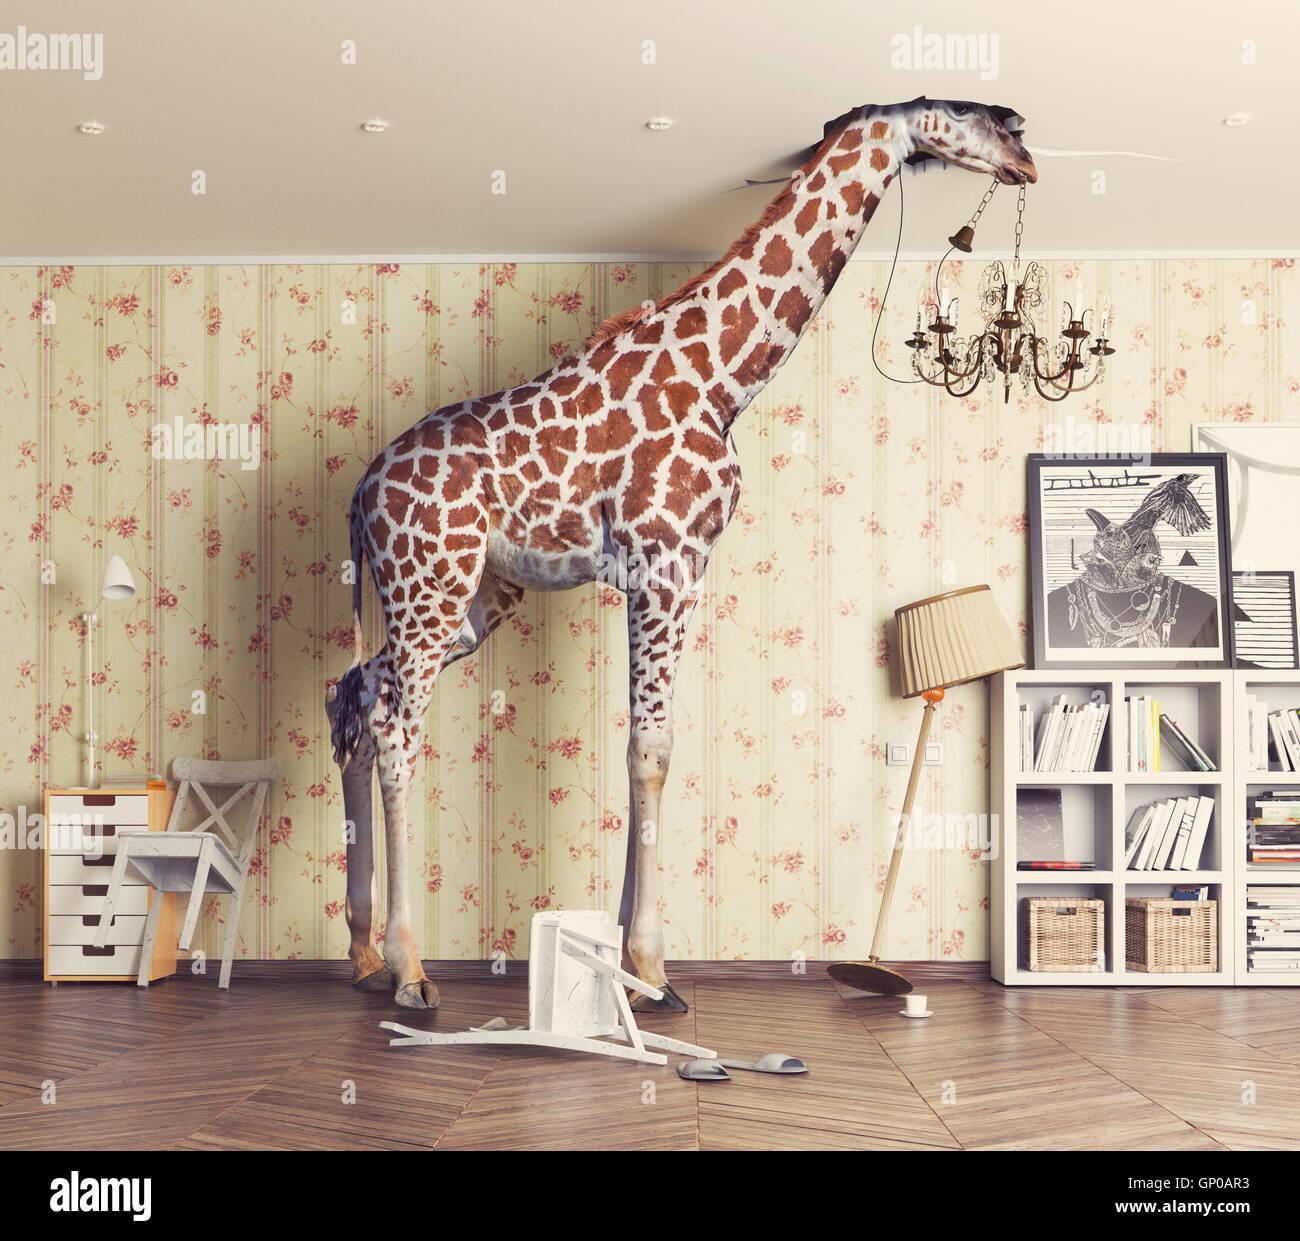 Giraffe si rompe il soffitto nel soggiorno. Fotografia il concetto di combinazione Immagini Stock